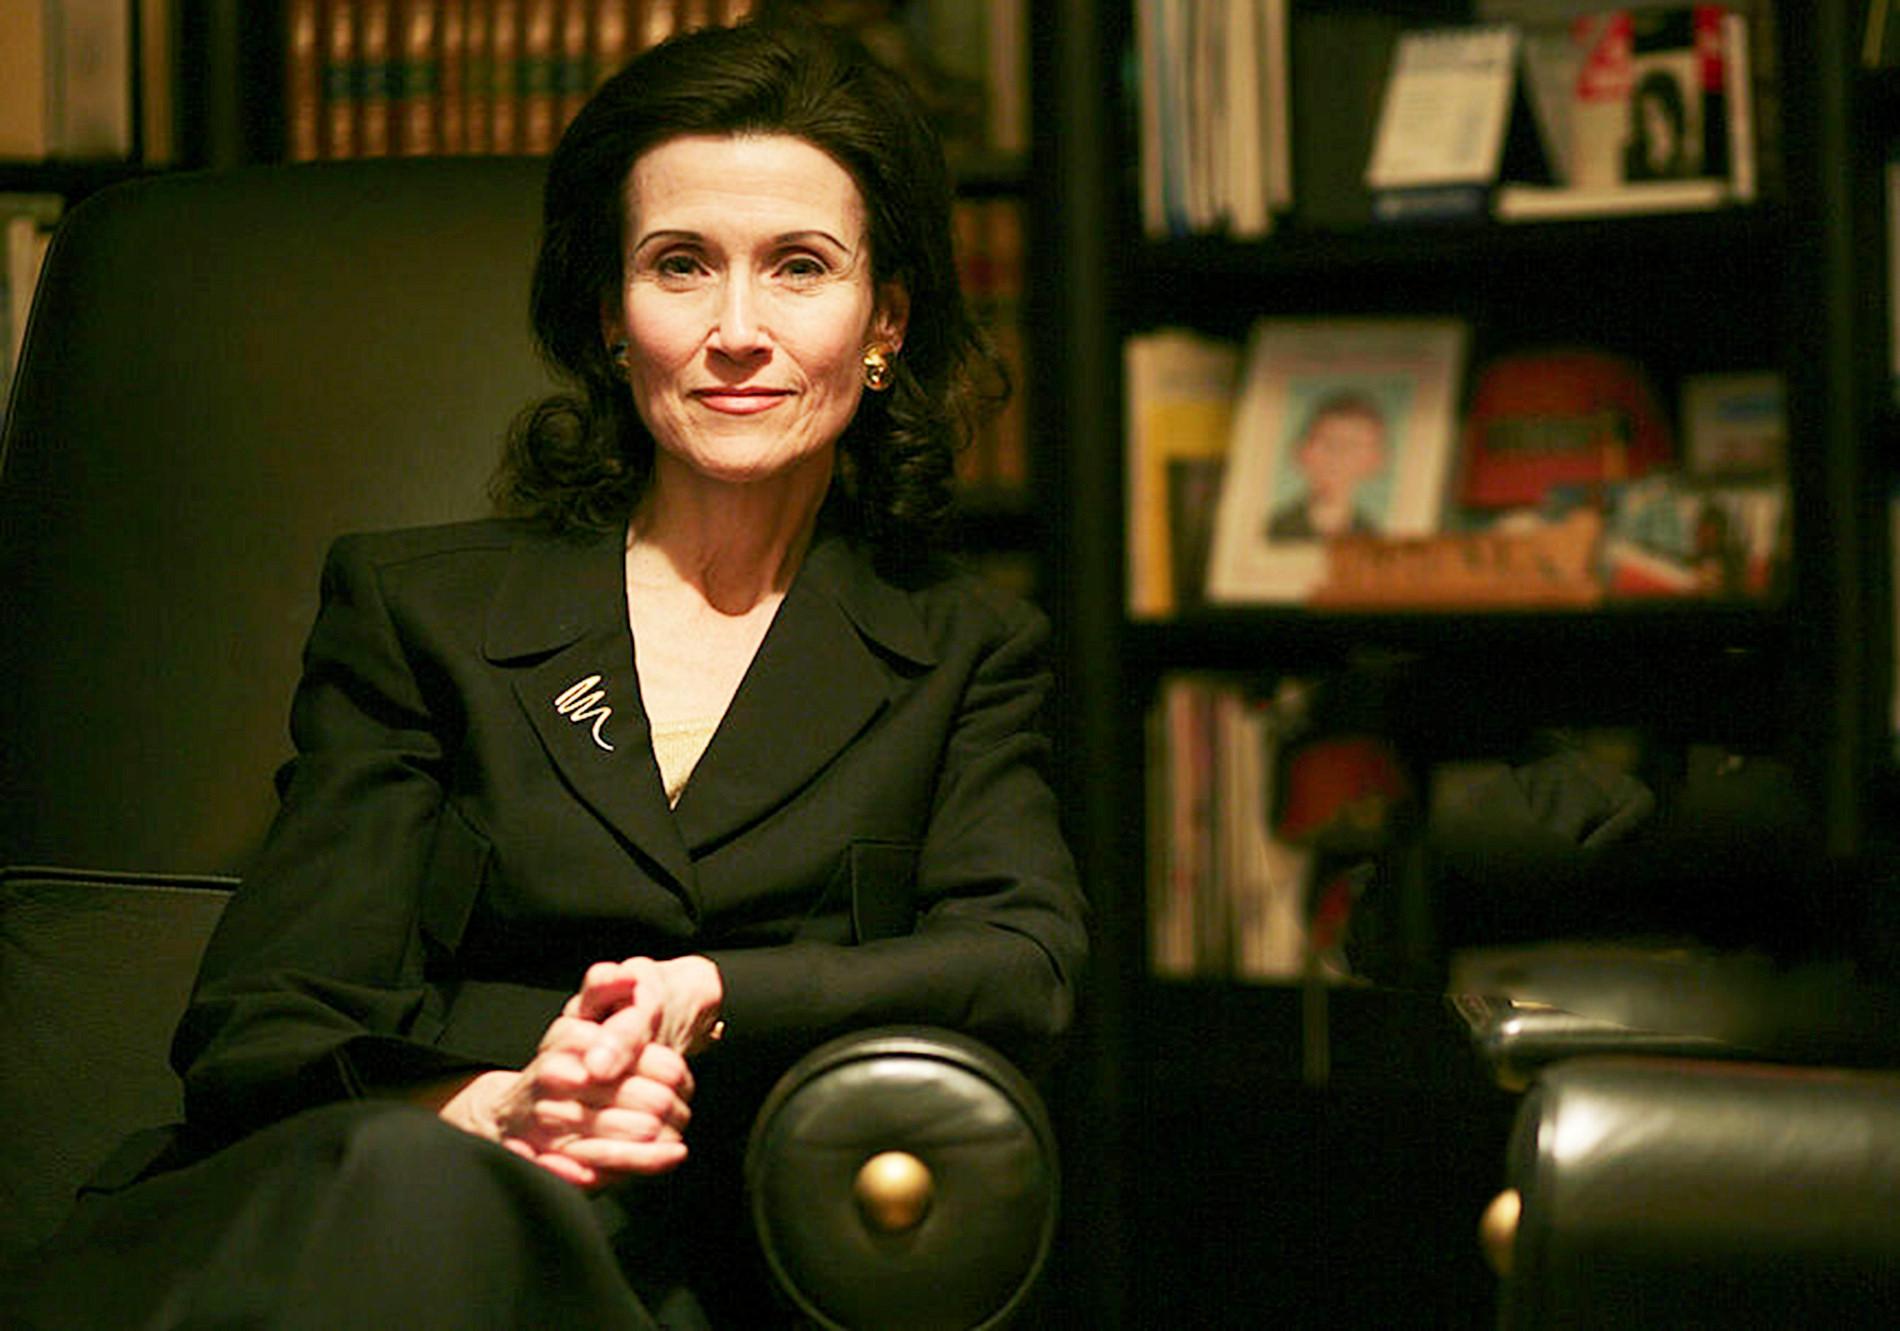 Marilyn vos Savant (IQ 190) sinh năm 1946, là nhà báo, tác giả, giảng viên, nhà soạn kịch người Mỹ. Savant giữ danh hiệu phụ nữ thông minh nhất thế giới trong 5 năm liên tiếp.